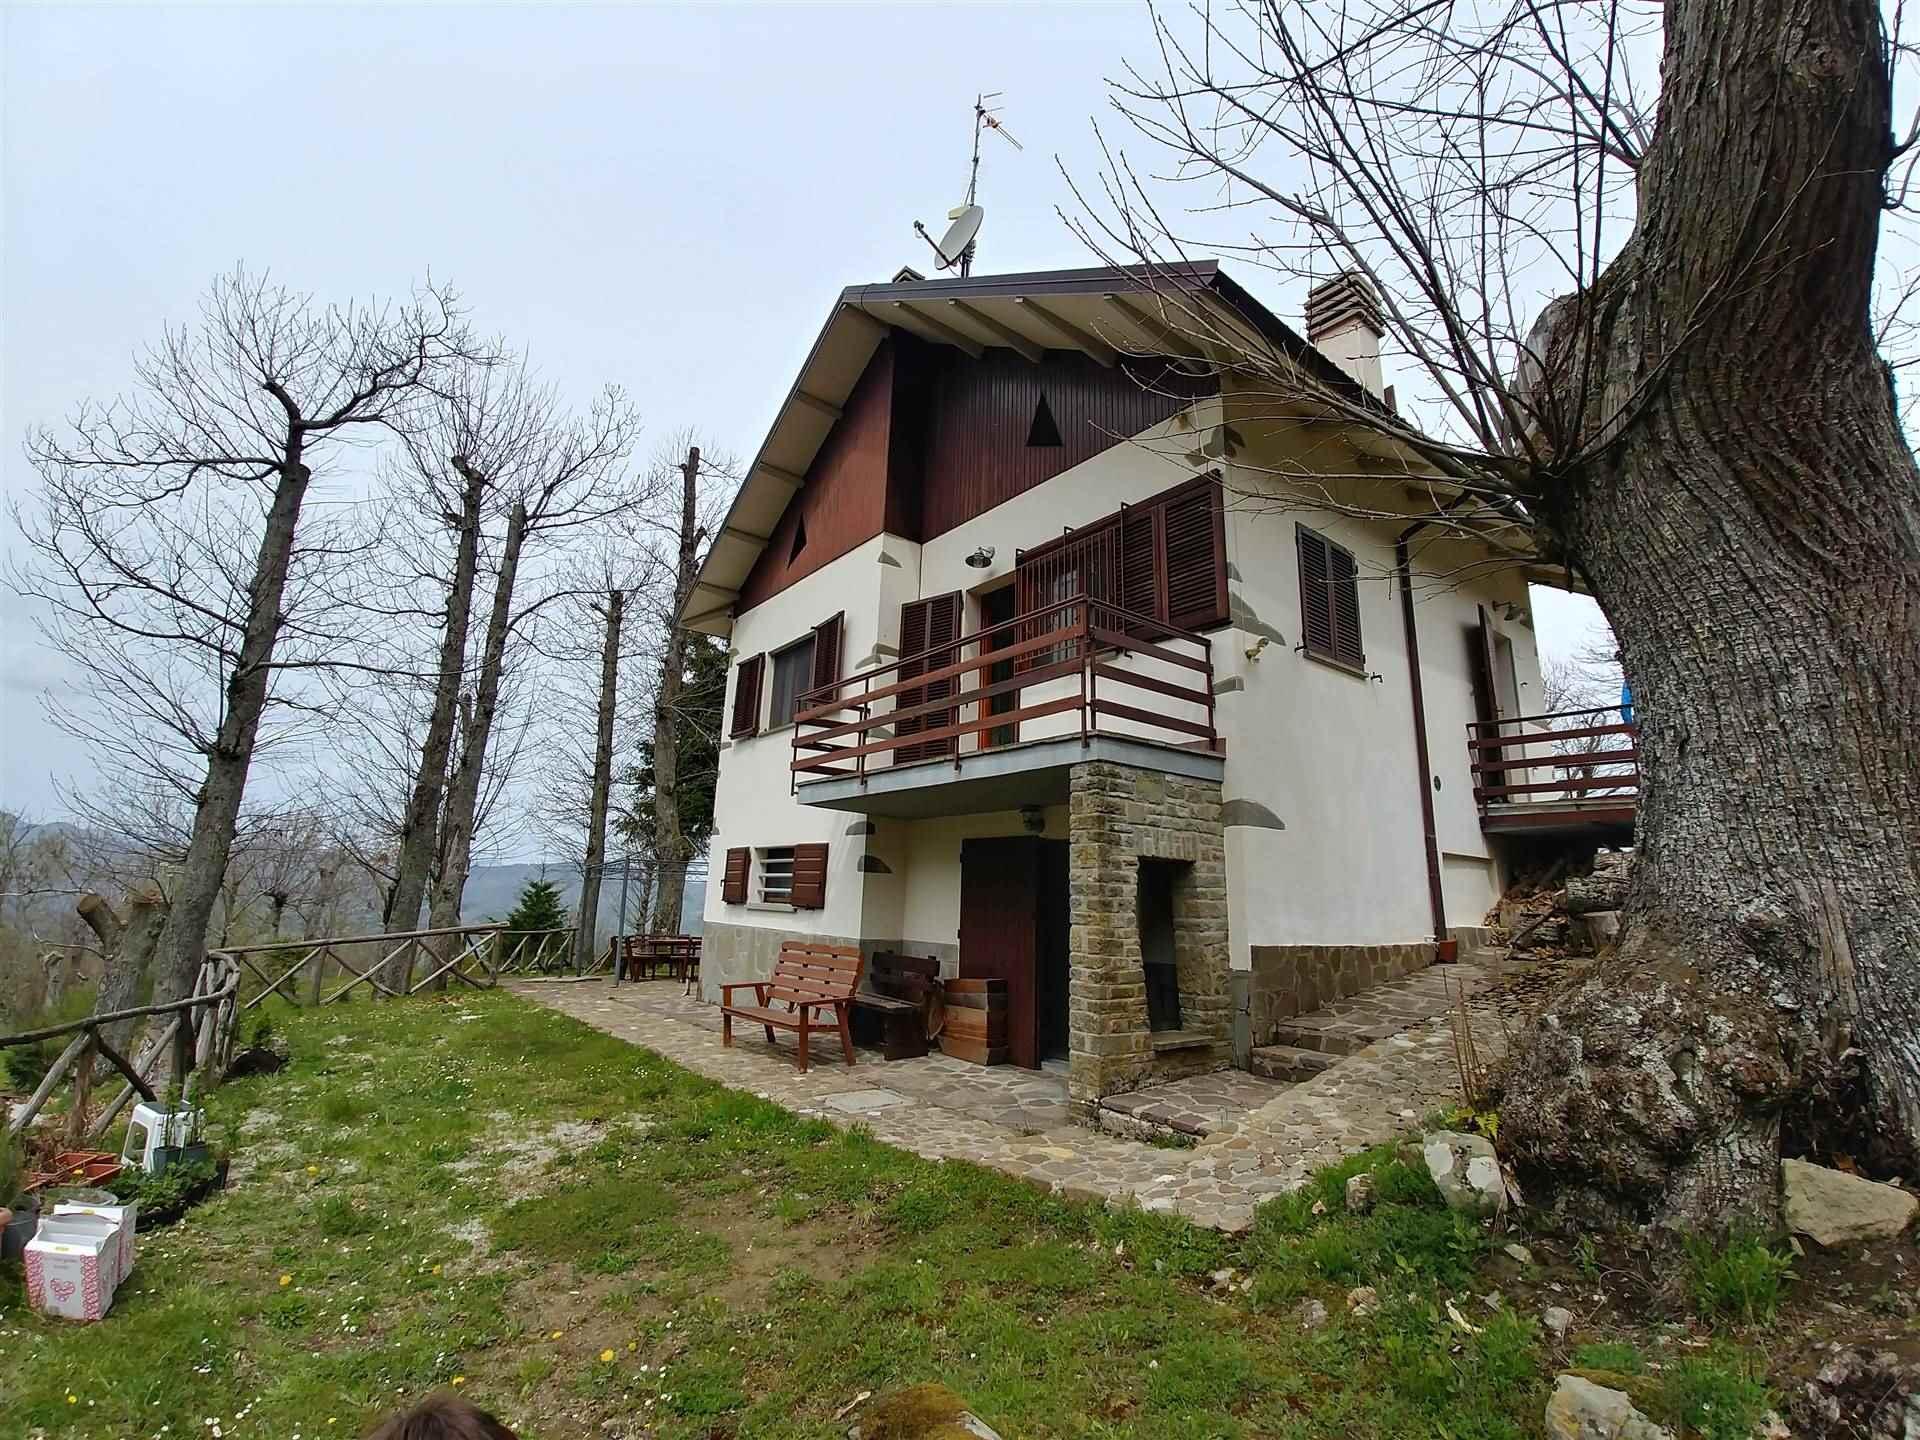 Soluzione Indipendente in affitto a Bagno di Romagna, 7 locali, prezzo € 1.000 | CambioCasa.it